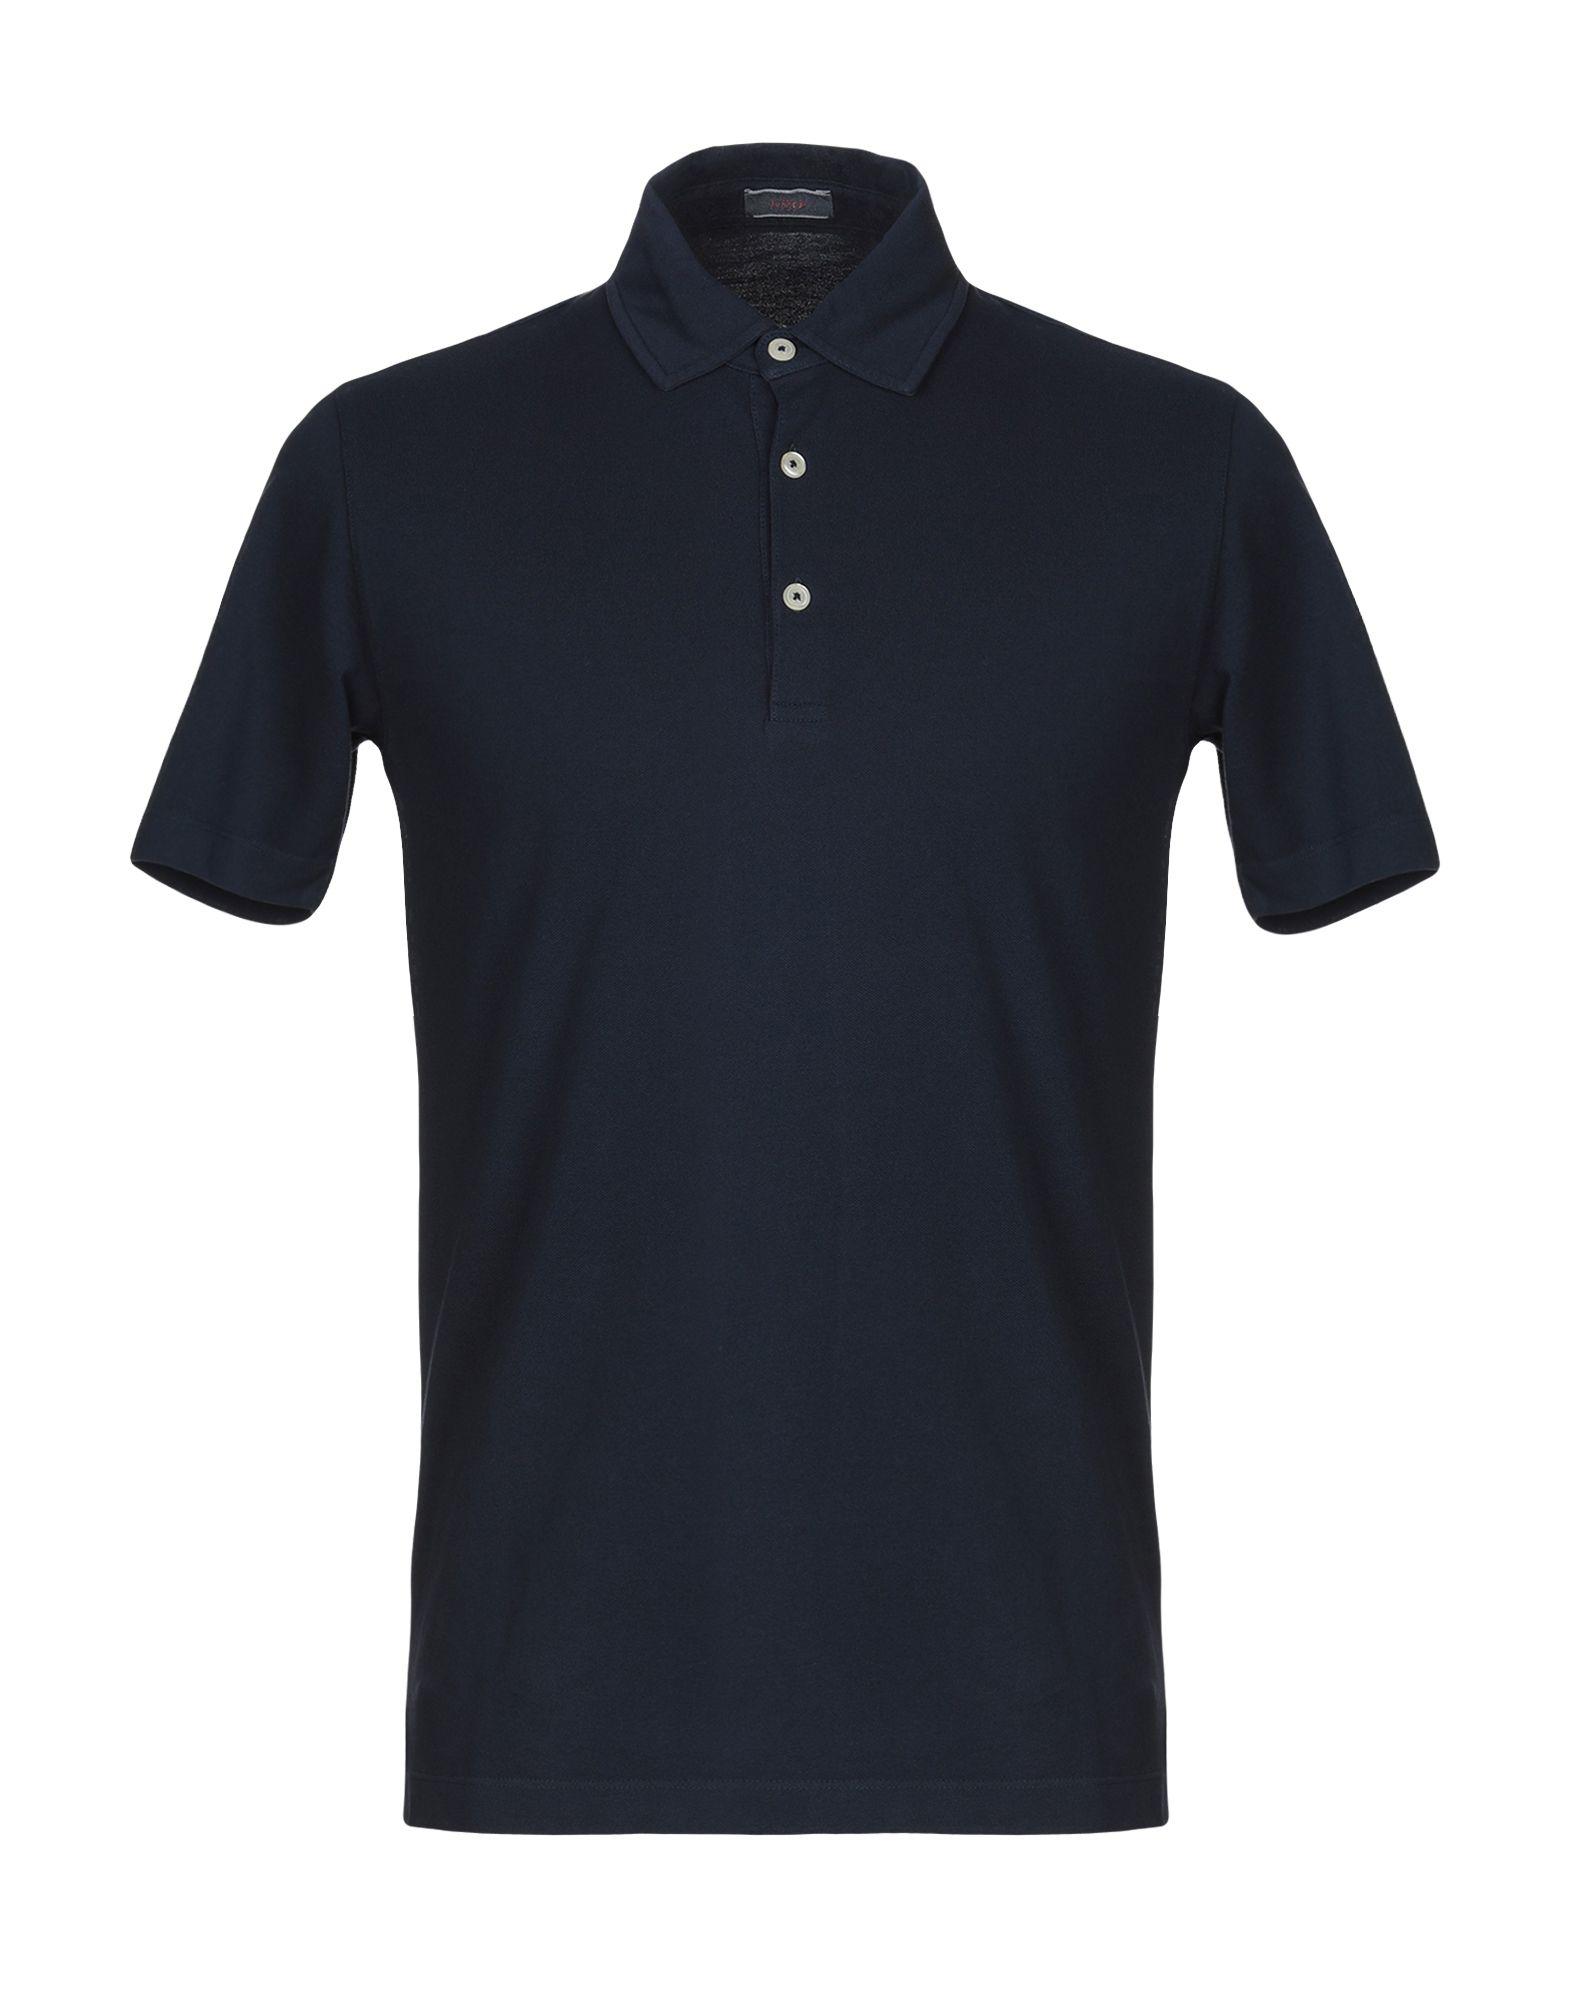 《送料無料》ALTEA メンズ ポロシャツ ダークブルー XS コットン 100%